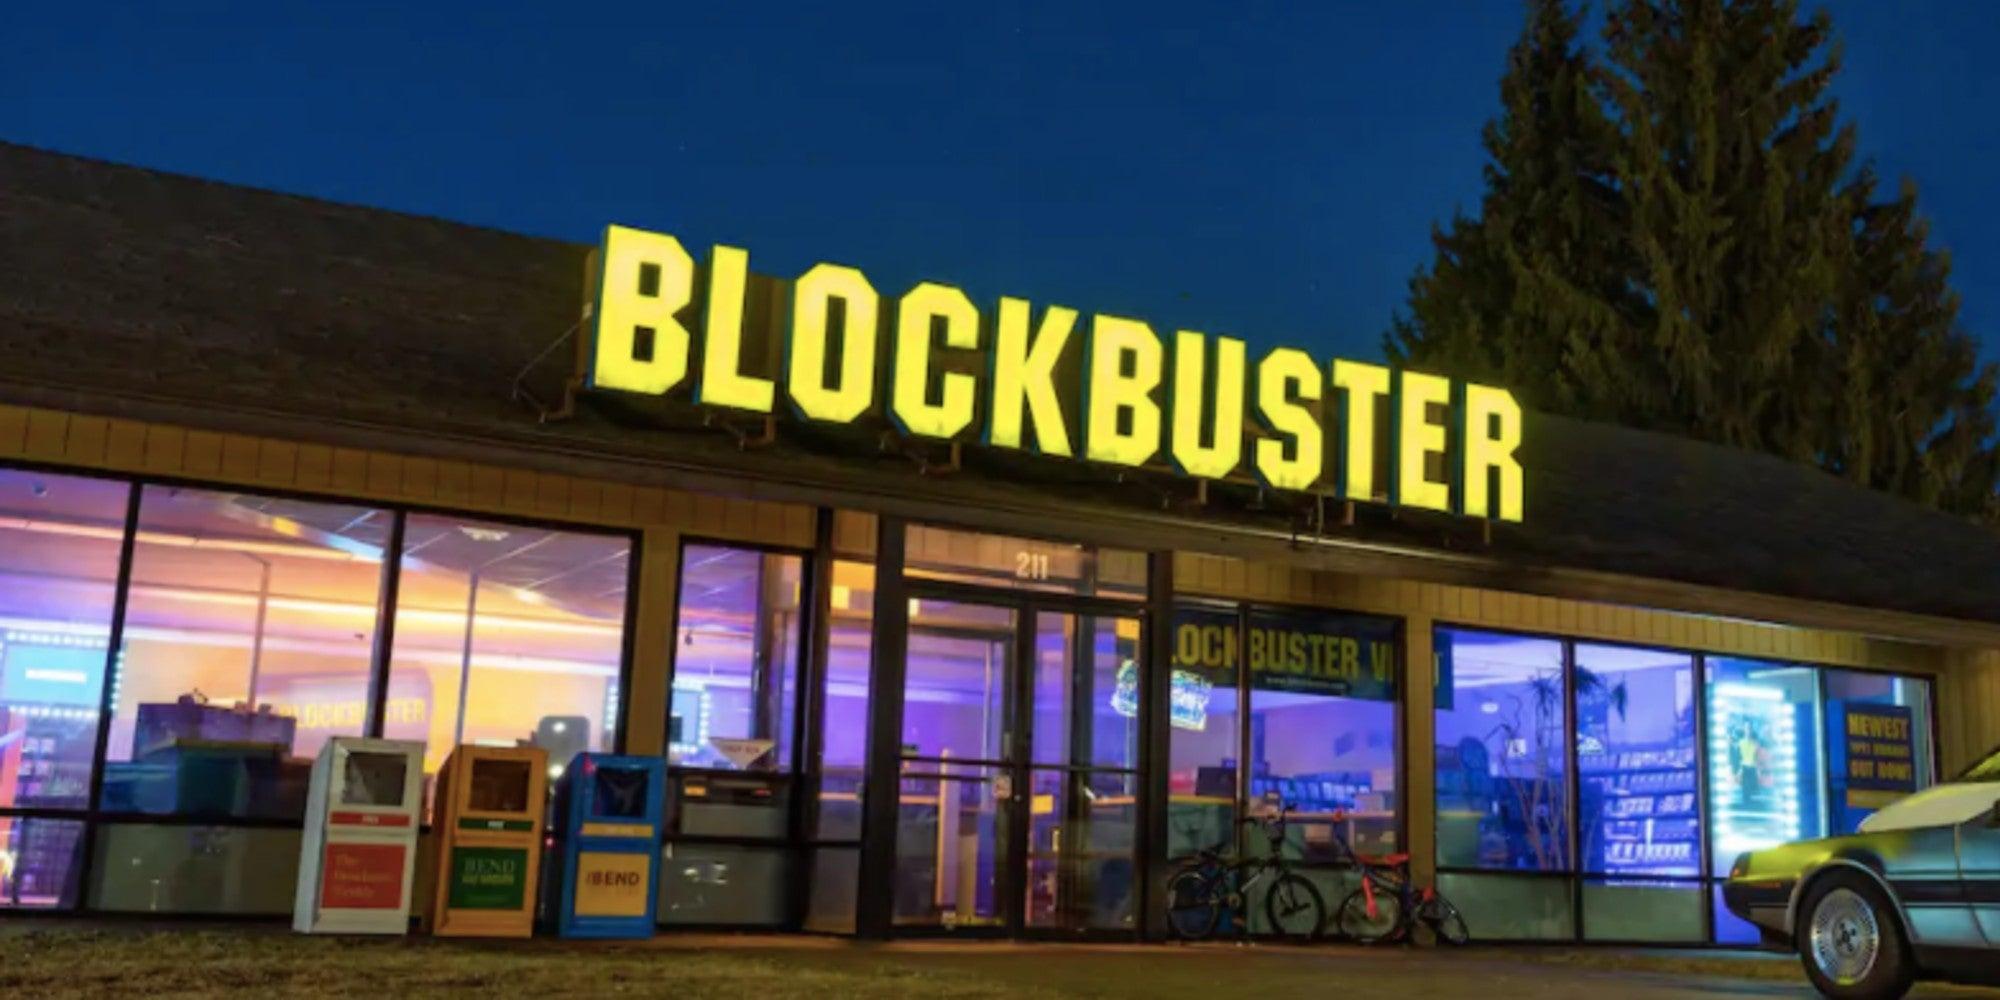 A última locadora Blockbuster se transformou em um AirBnb e está fazendo sucesso